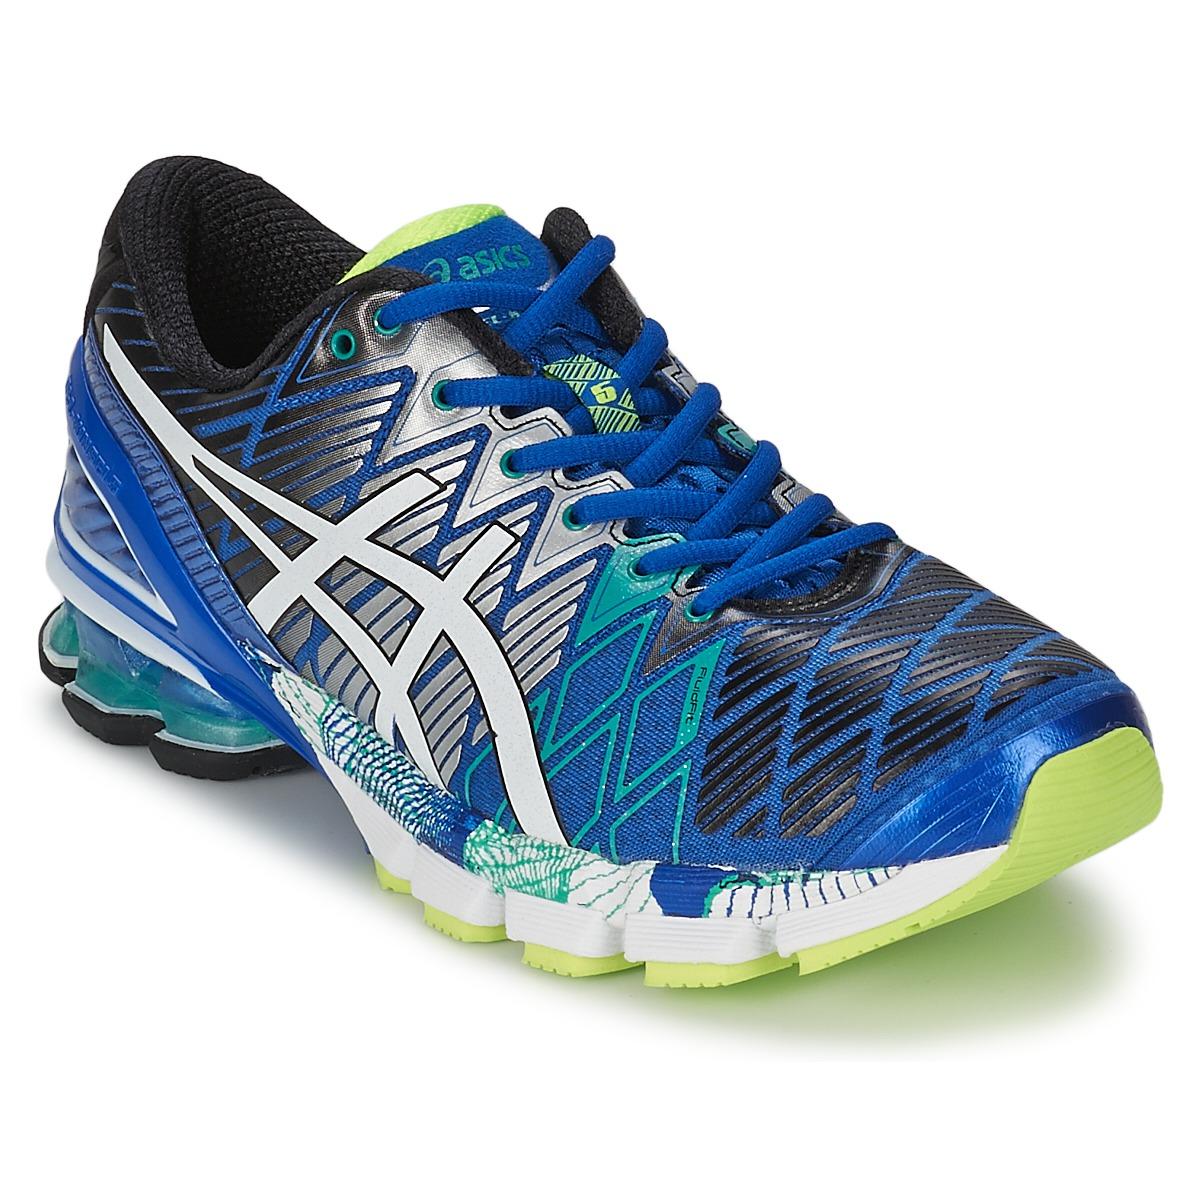 Chaussures de running Asics GEL KINSEI 5 673605 1200 A 19 Luxe Demi Armoire Cuisine Hiw6